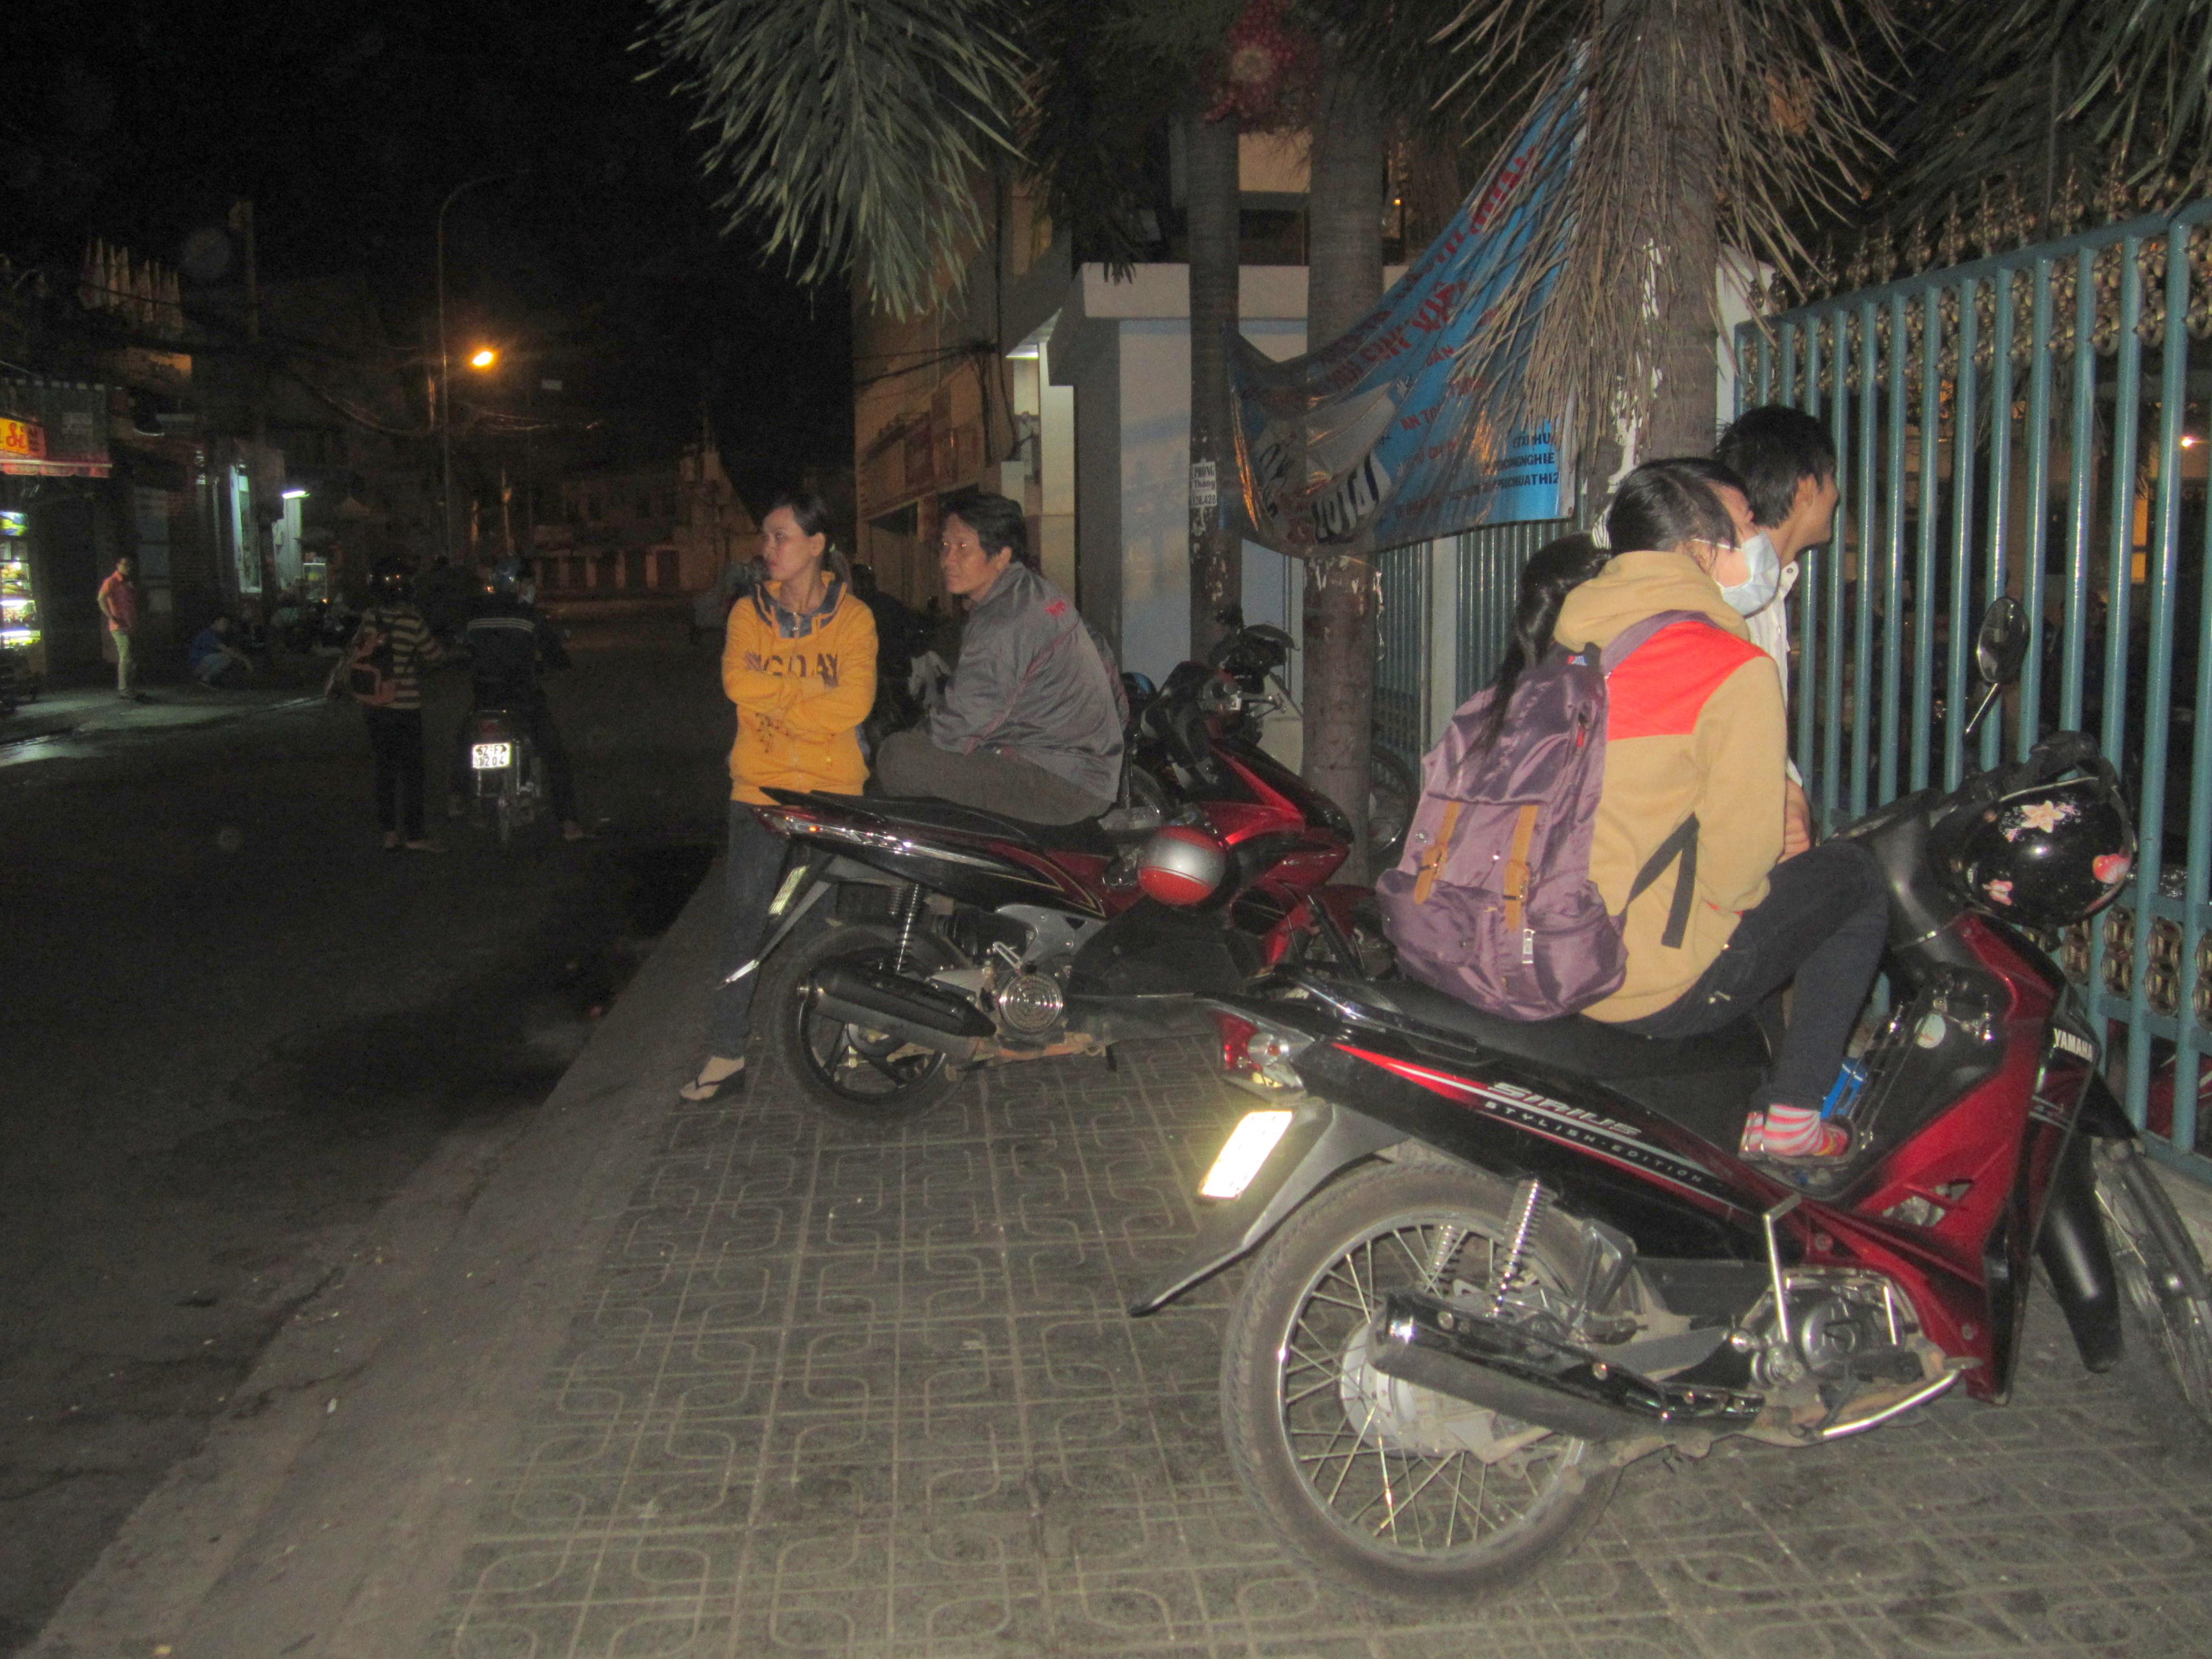 Nhiều thí sinh và phụ huynh lo kẹt xe nên đến trường thi từ 4 giờ sáng